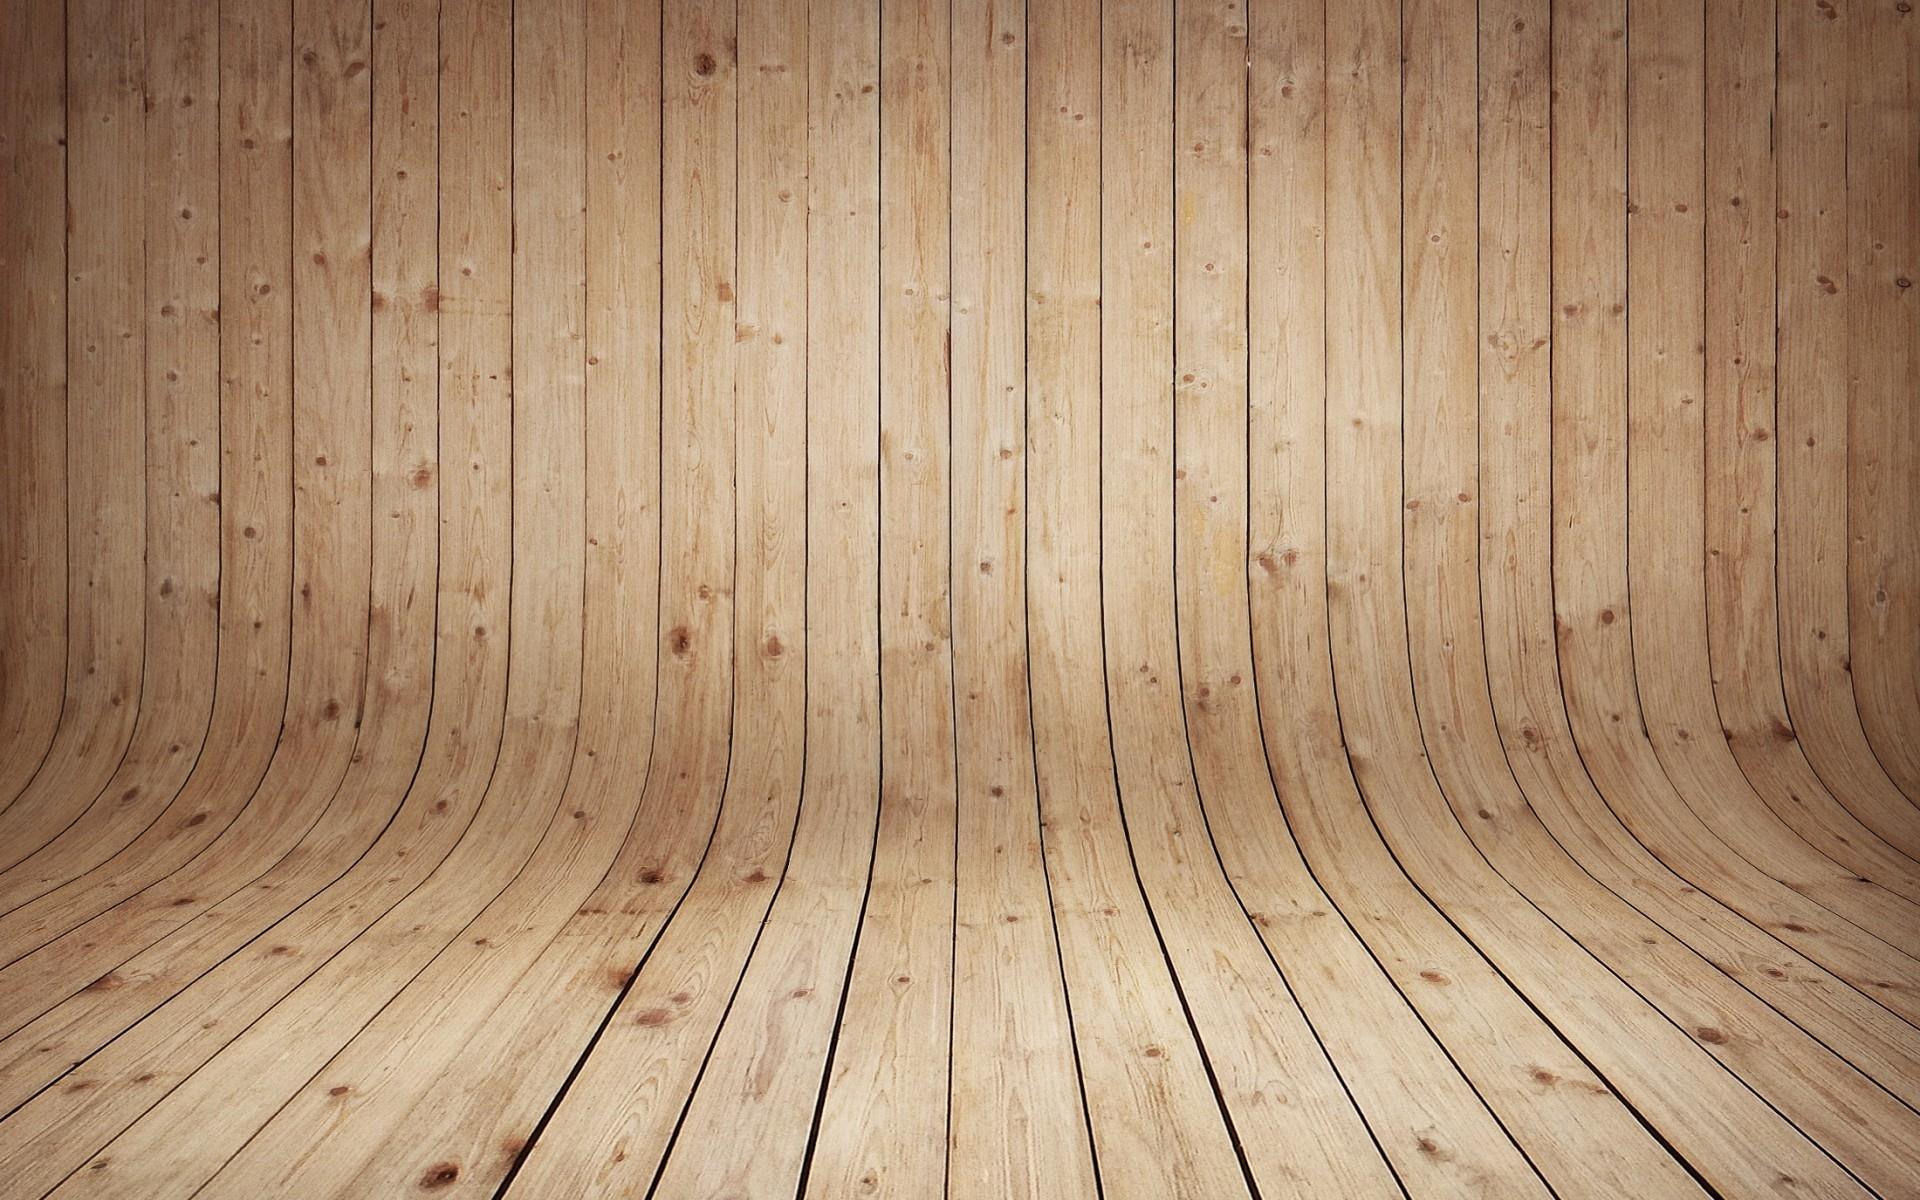 Src Brick Wall And Wood Floor Wallpaper